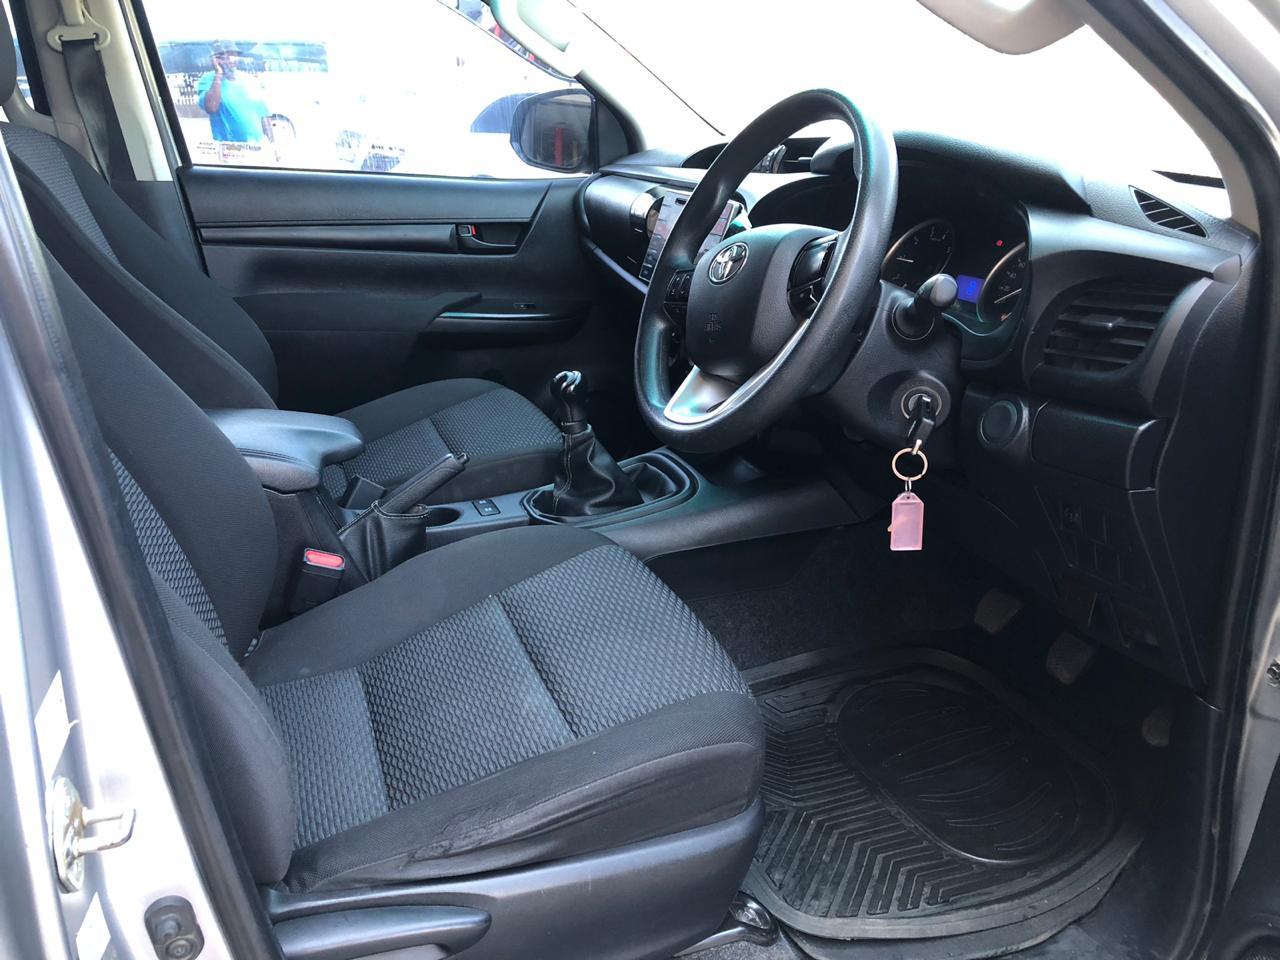 2016 Toyota Hilux double cab HILUX 2.4 GD 6 RB SR P/U D/C